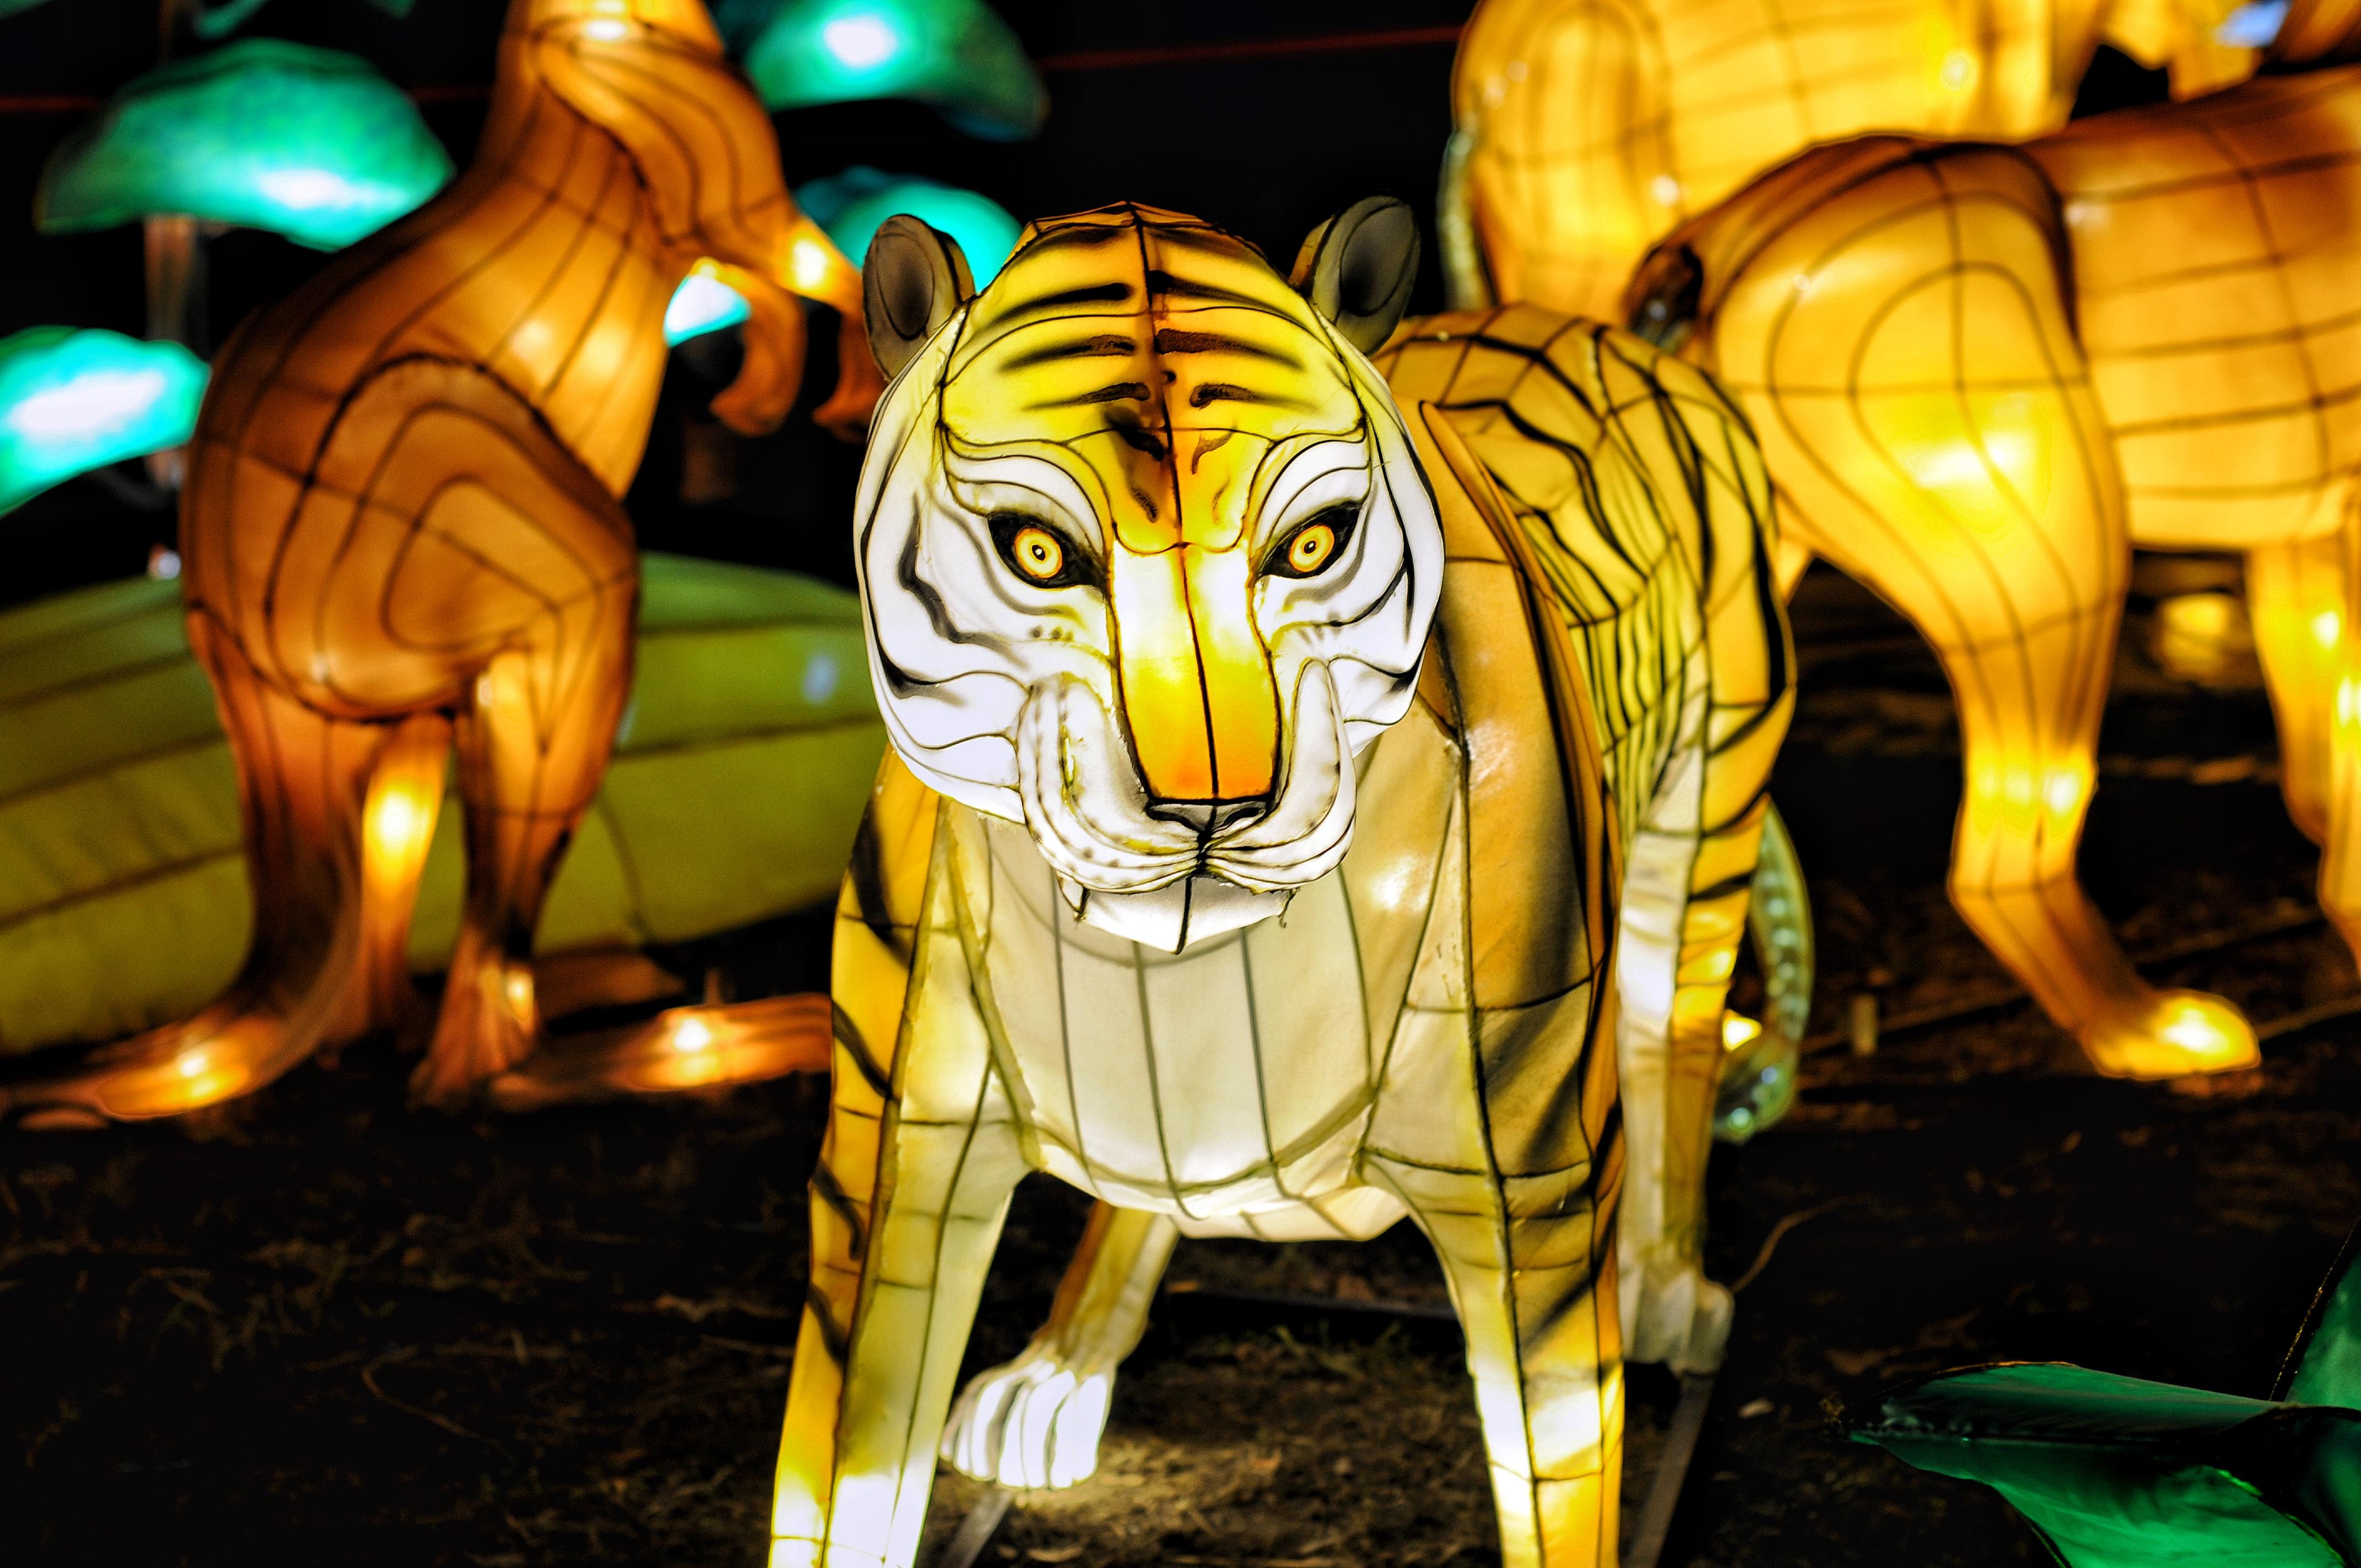 Огненное шоу, гигантский лев и китайские фонари: в Киеве создадут настоящий парк иллюминаций — фото 1